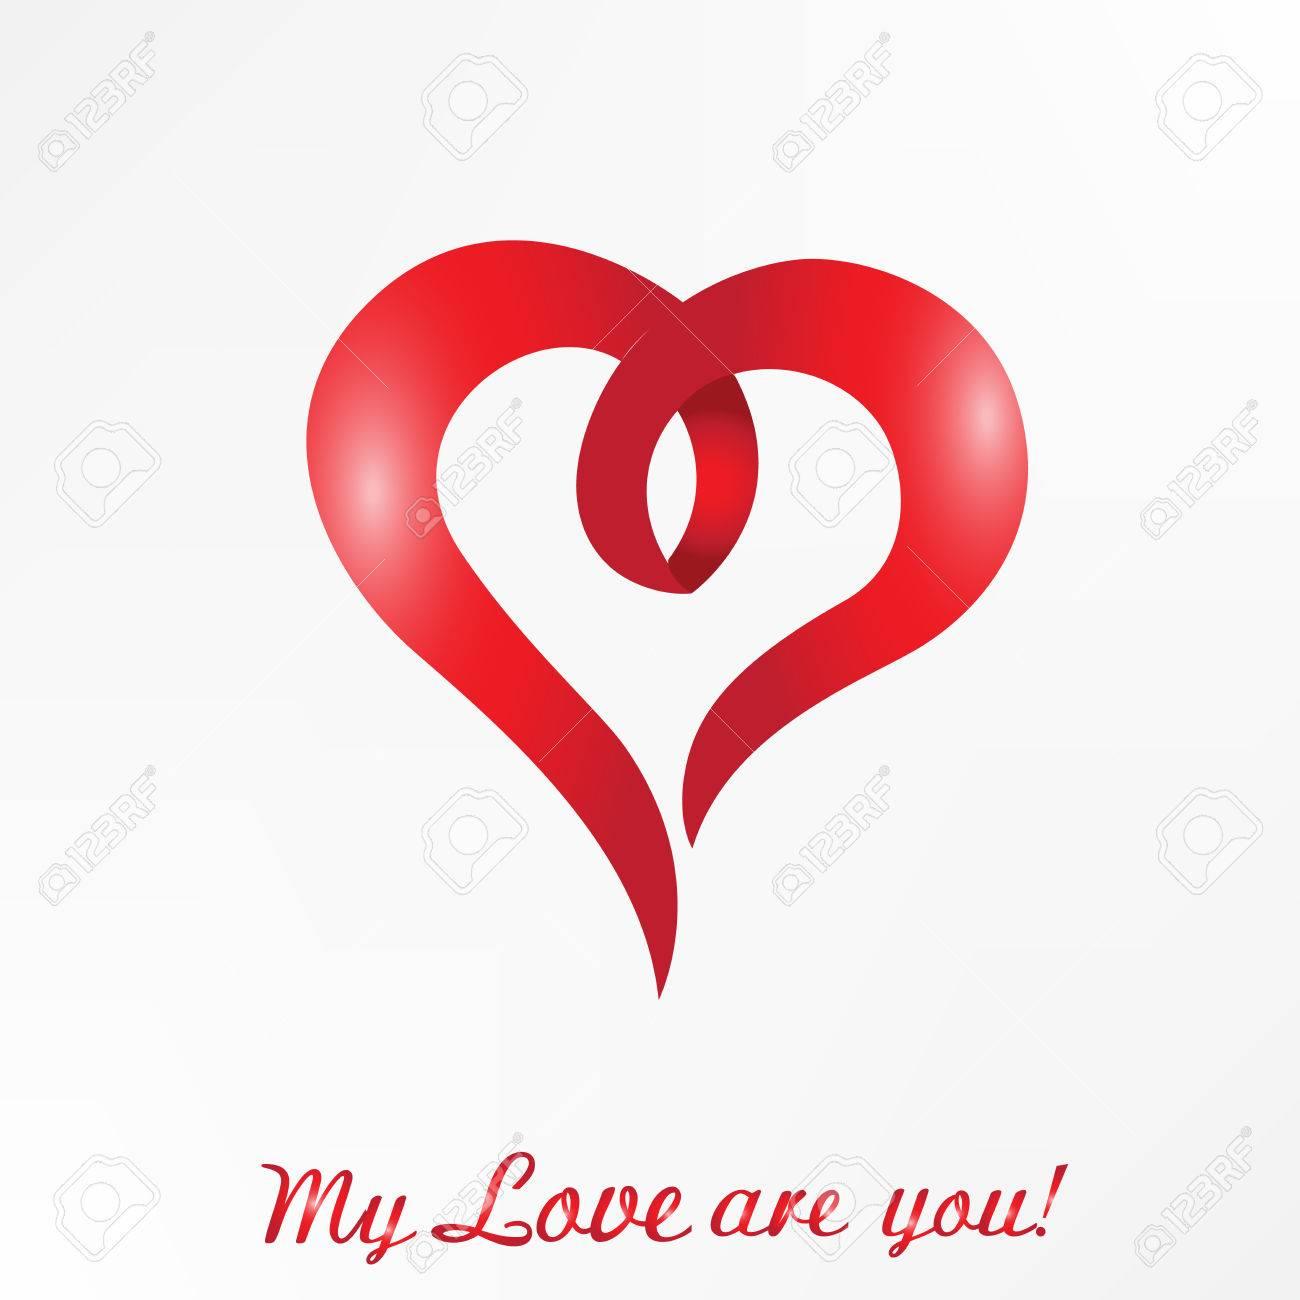 Coeur Amour Avec Texte De Mots Mon Amour Etes Vous Carte D Identite De Logo Clip Art Libres De Droits Vecteurs Et Illustration Image 86784987